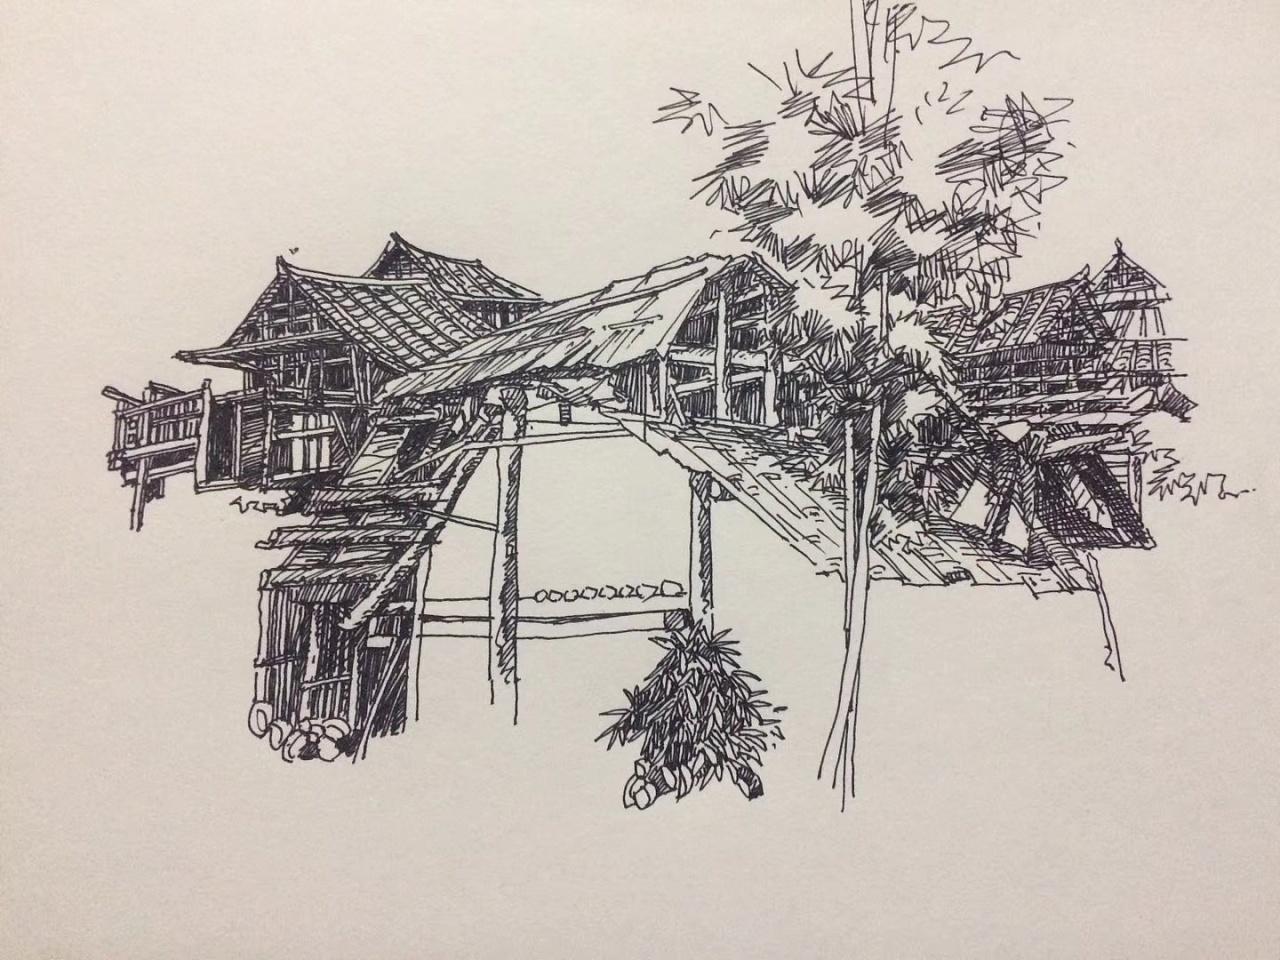 范炯钢笔画手绘建筑表现